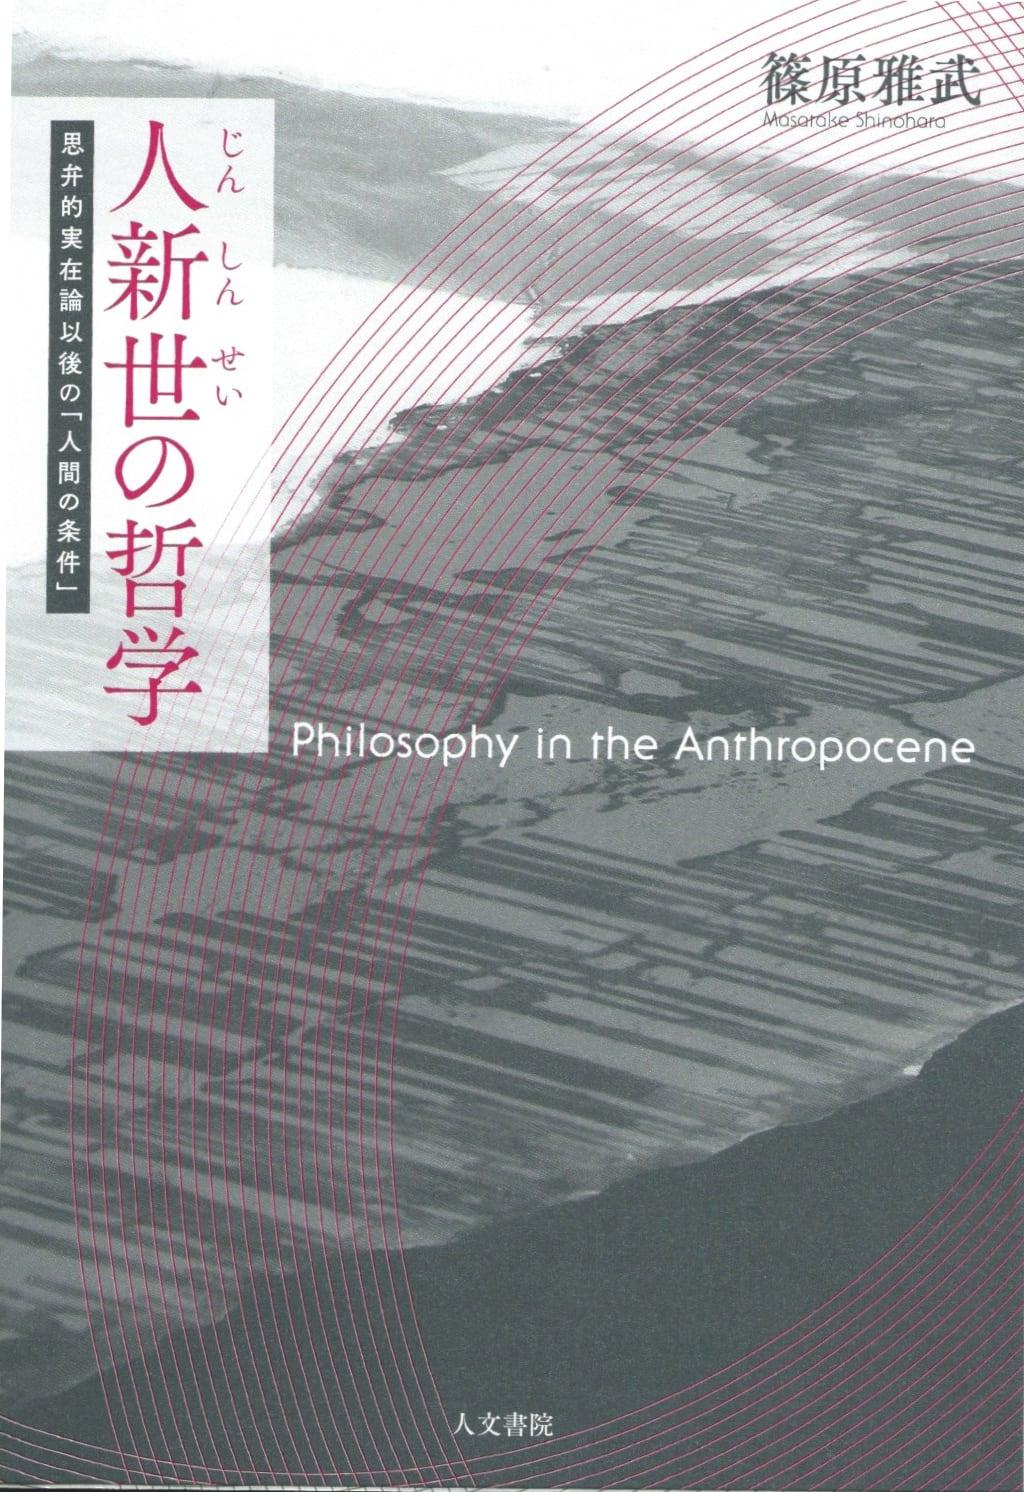 人新世の哲学——思弁的実在論以後の「人間の条件」